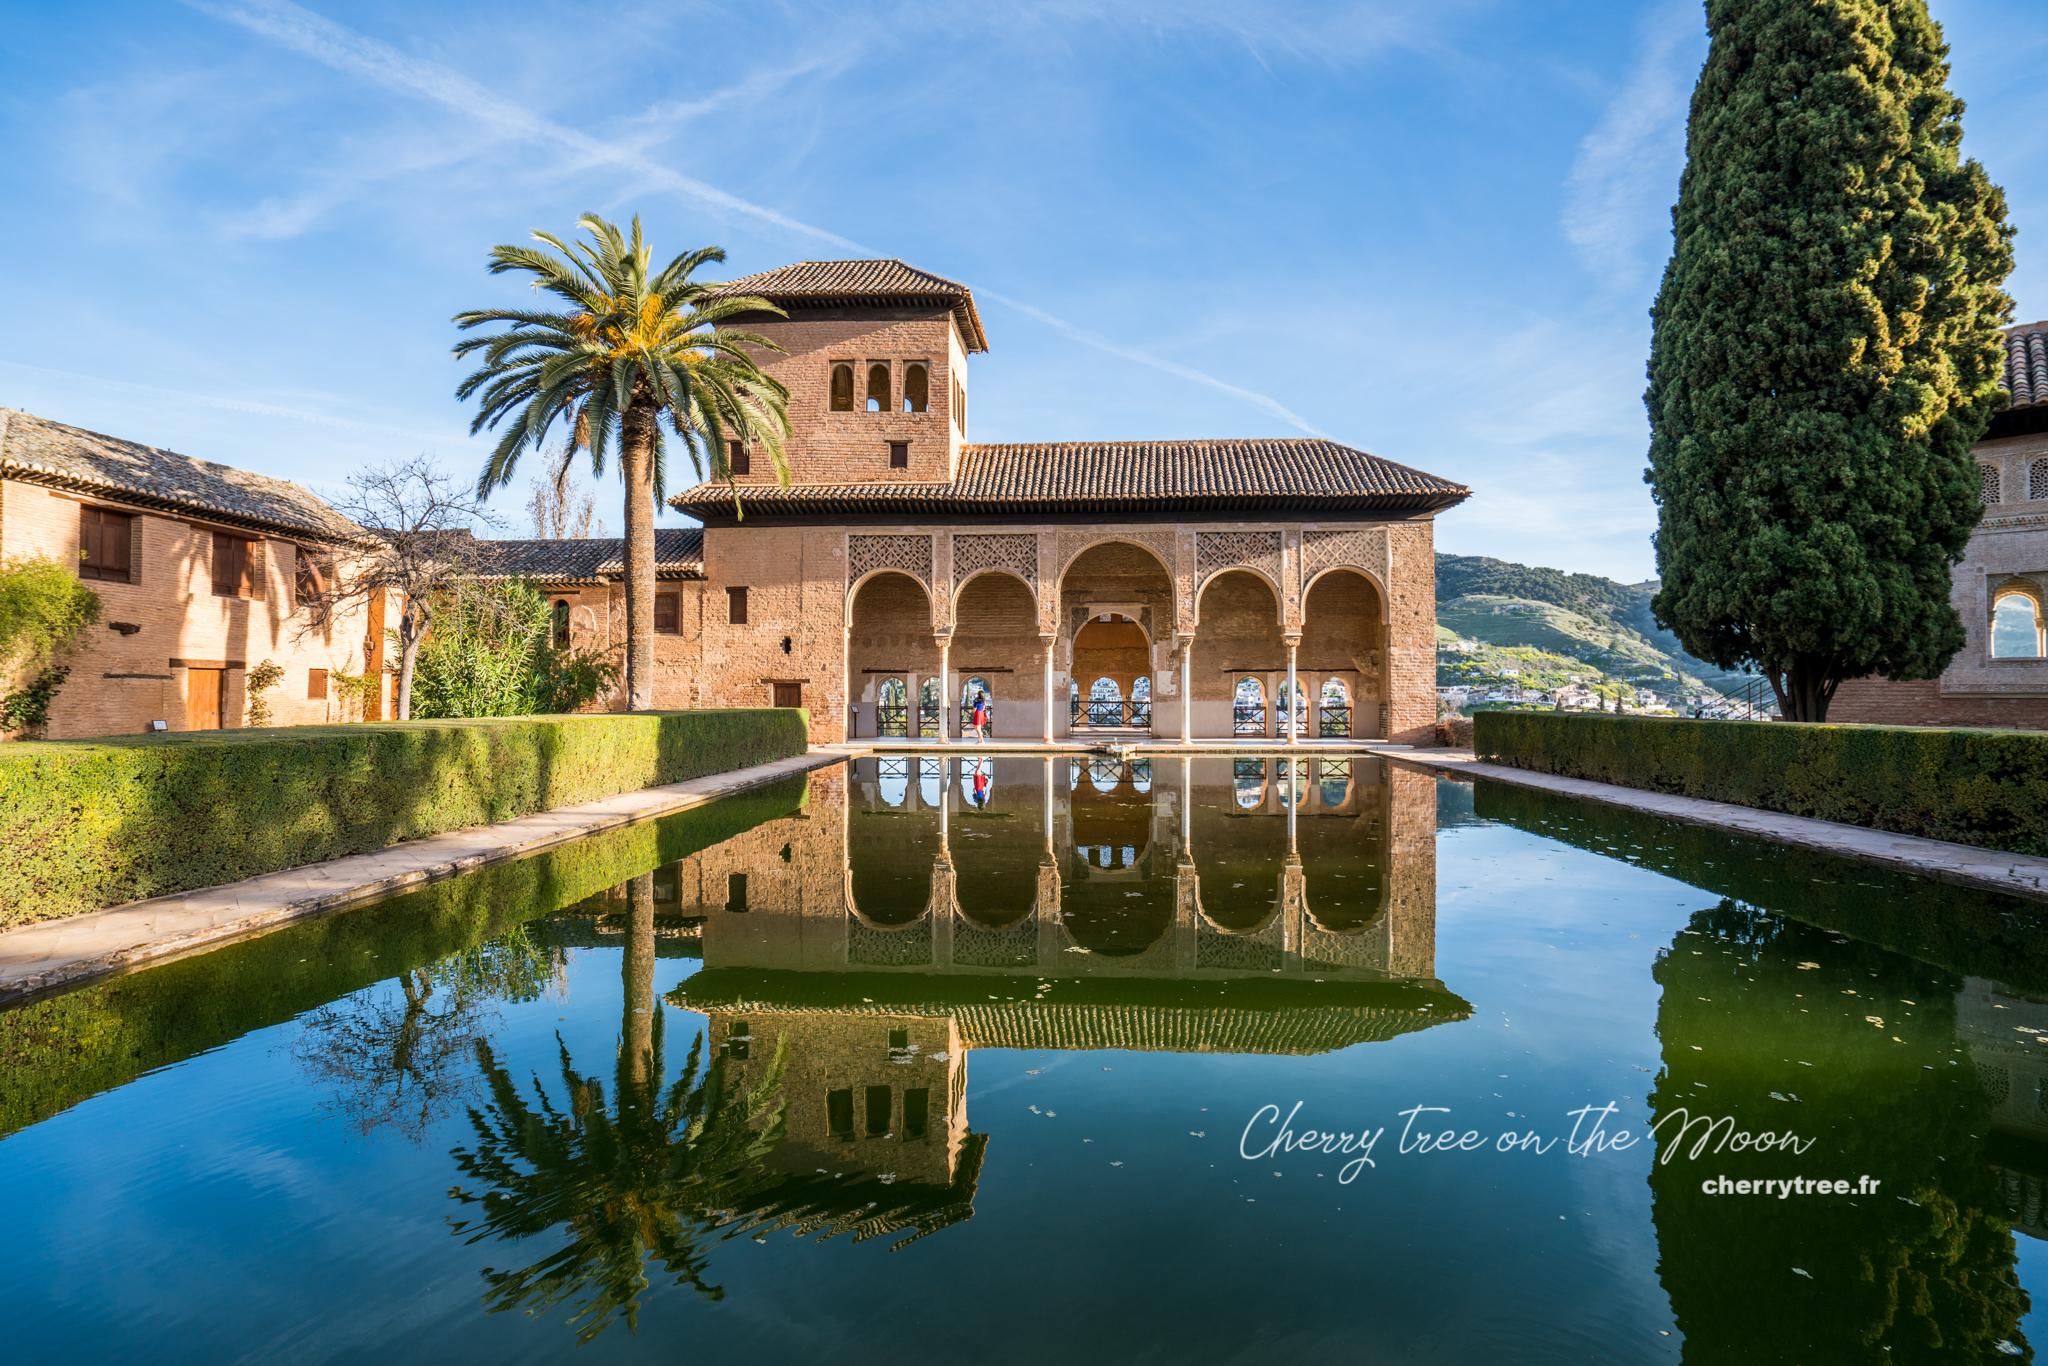 Hồ gương tuyệt đẹp và duyên dáng của Alhambra